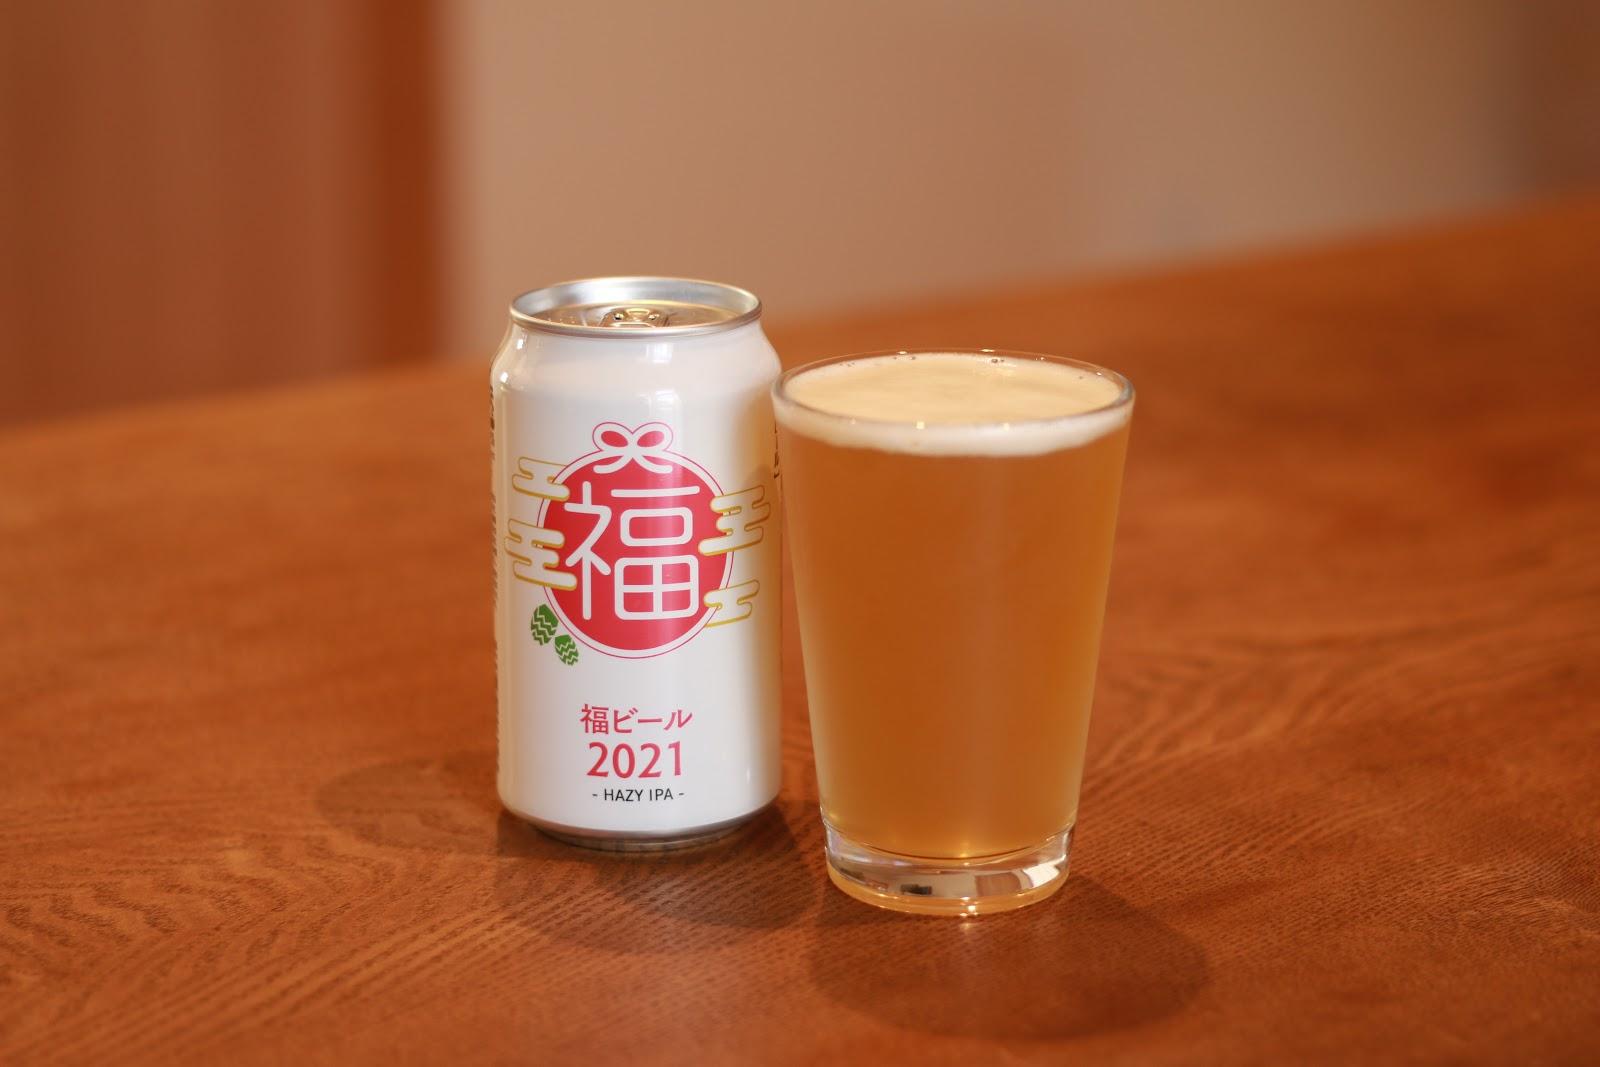 ヤッホーブルーイングの商品福ビール2021